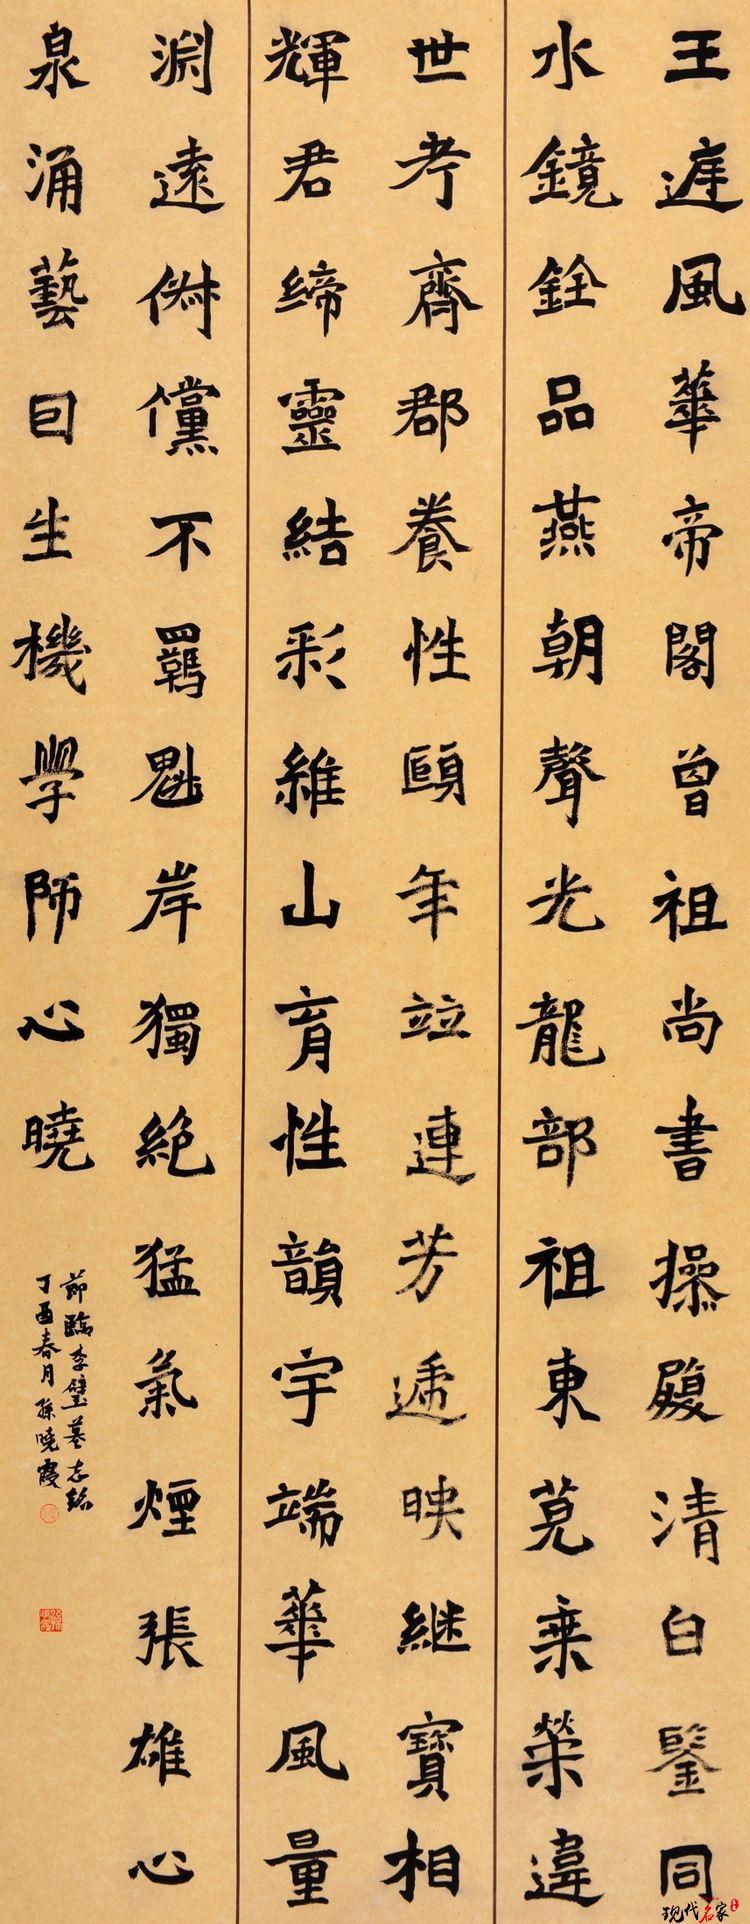 岳阳市女书法家协会-第4张